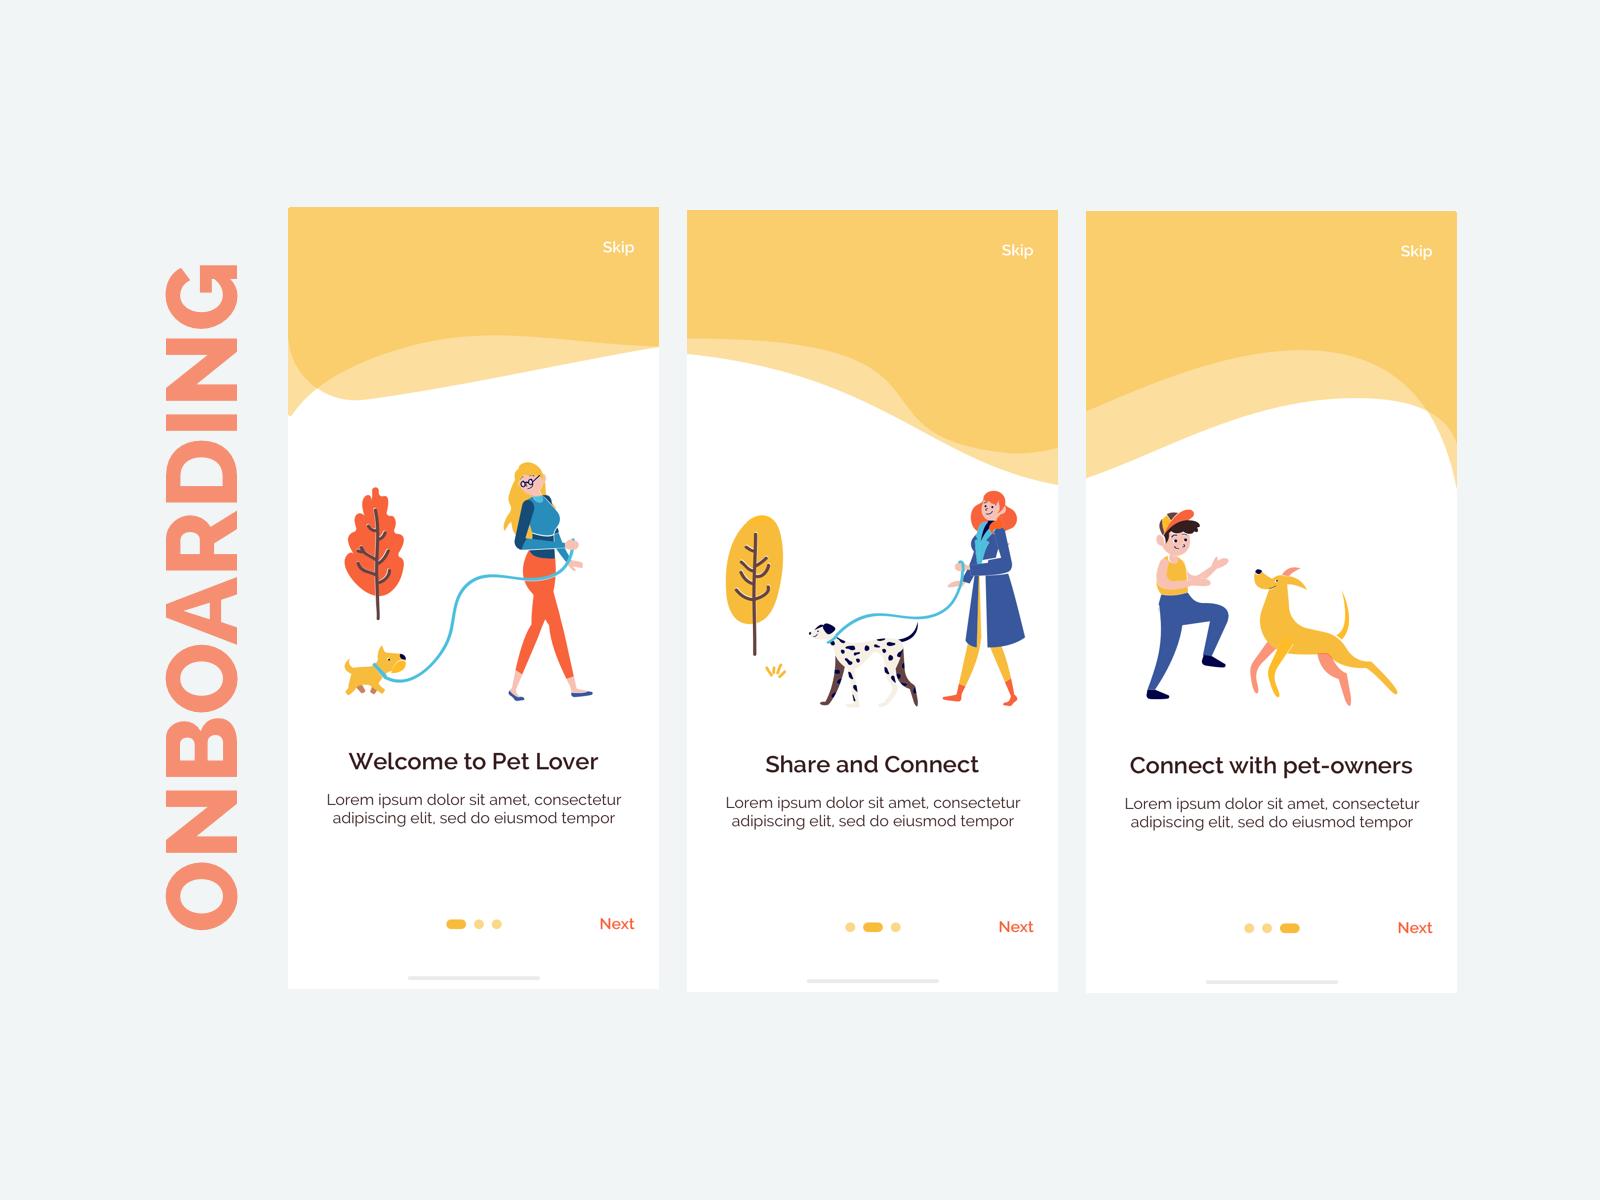 社交宠物应用程序UI工具包 APP设计Wallet - Payment App UI Kit